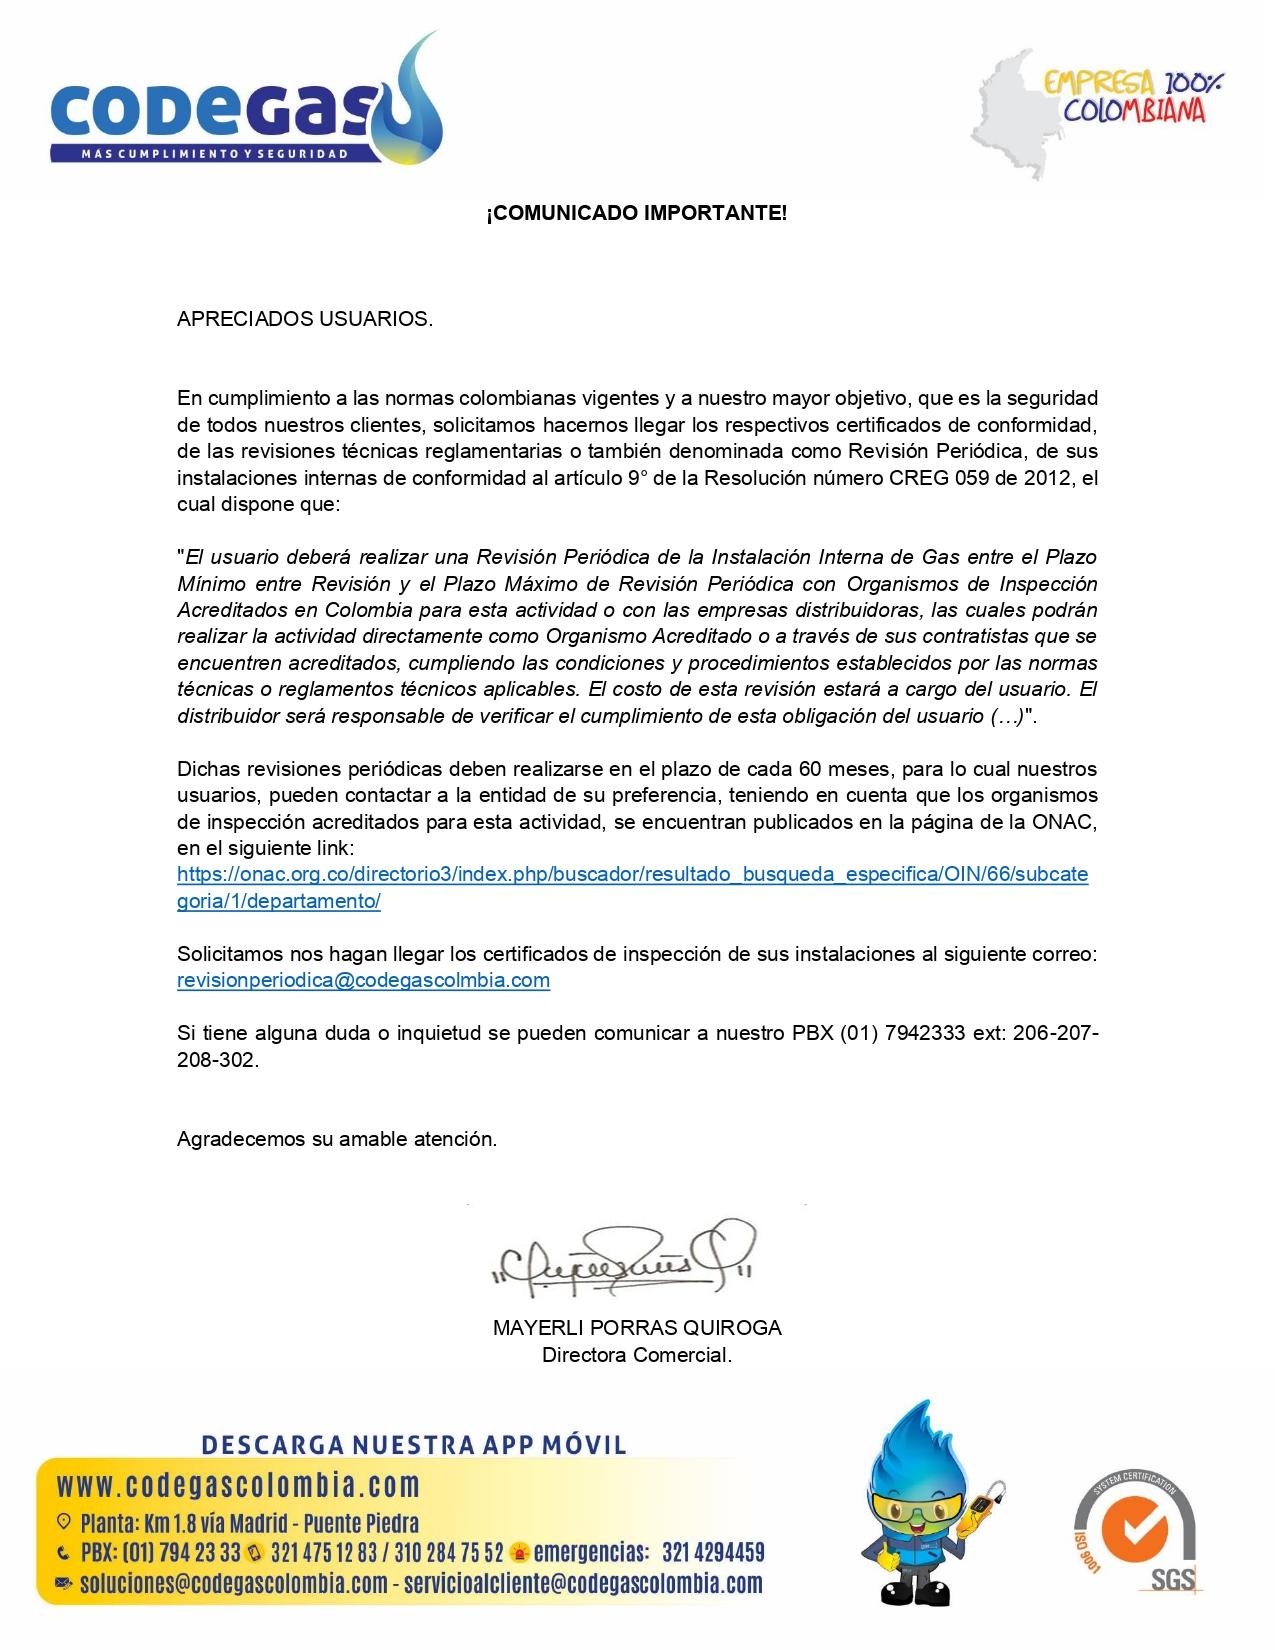 COMUNICADO IMPORTANTE REVISIONES TECNICAS REGLAMENTARIAS (1)_page-0001